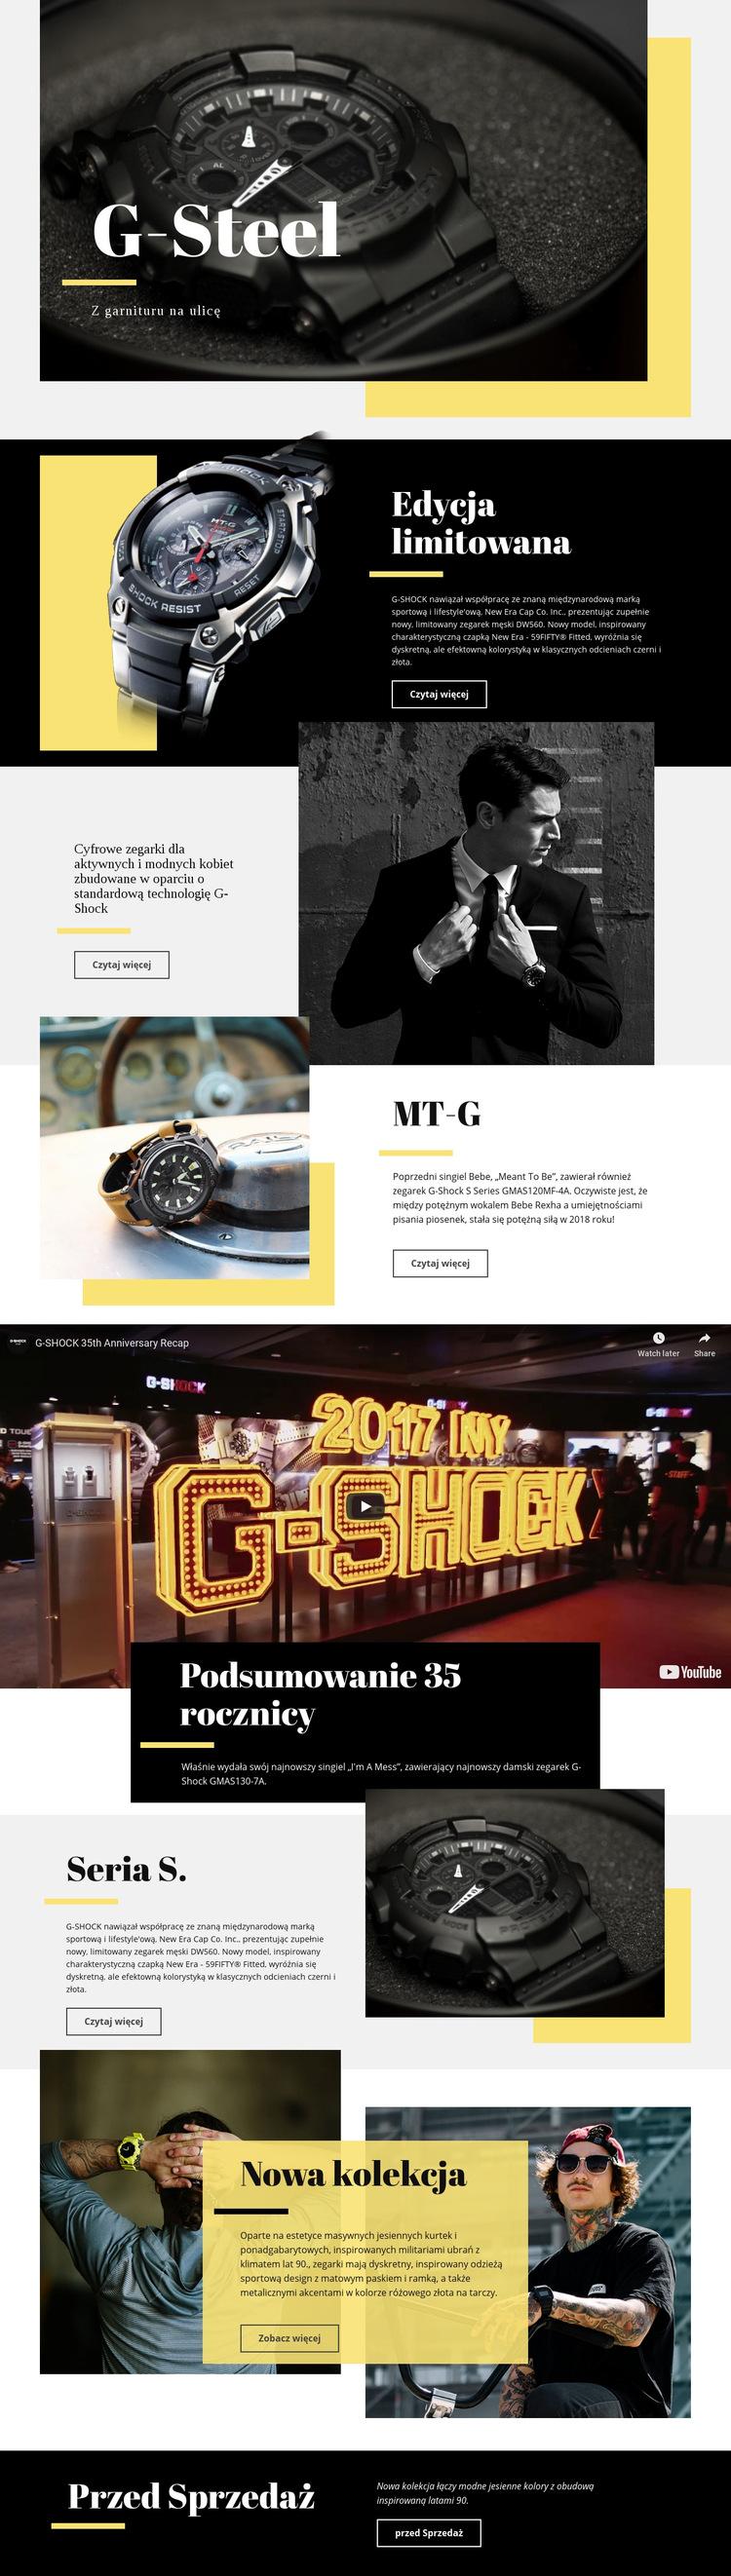 G-Steel Szablon witryny sieci Web